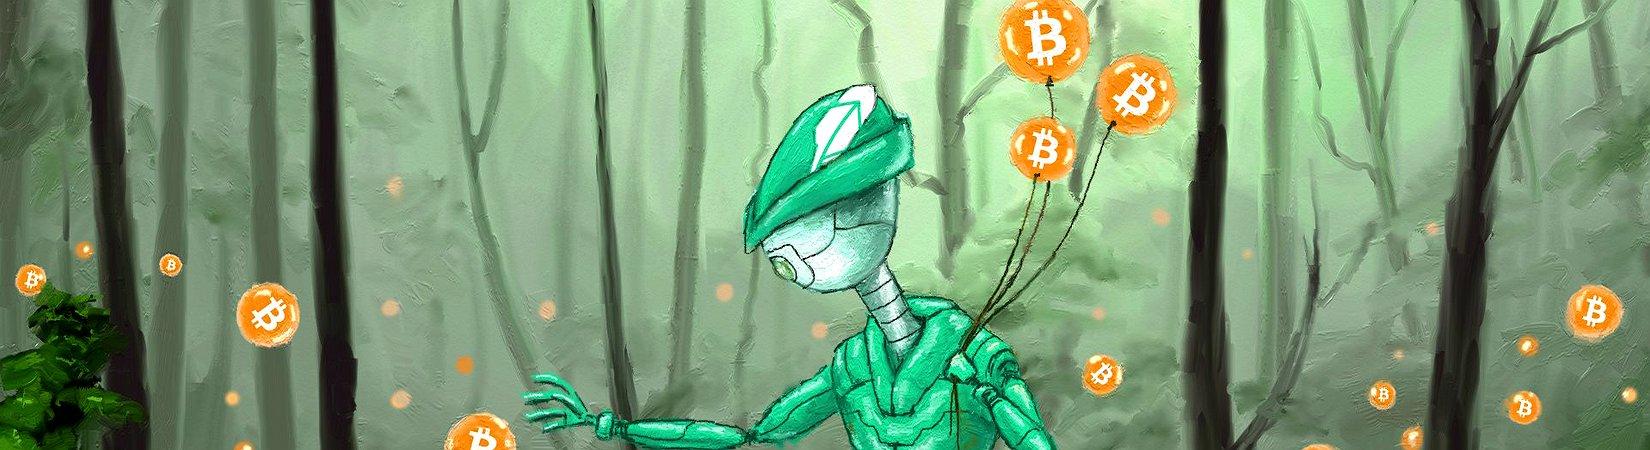 Обзор рынка криптовалют: Главные новости 26.01.2018